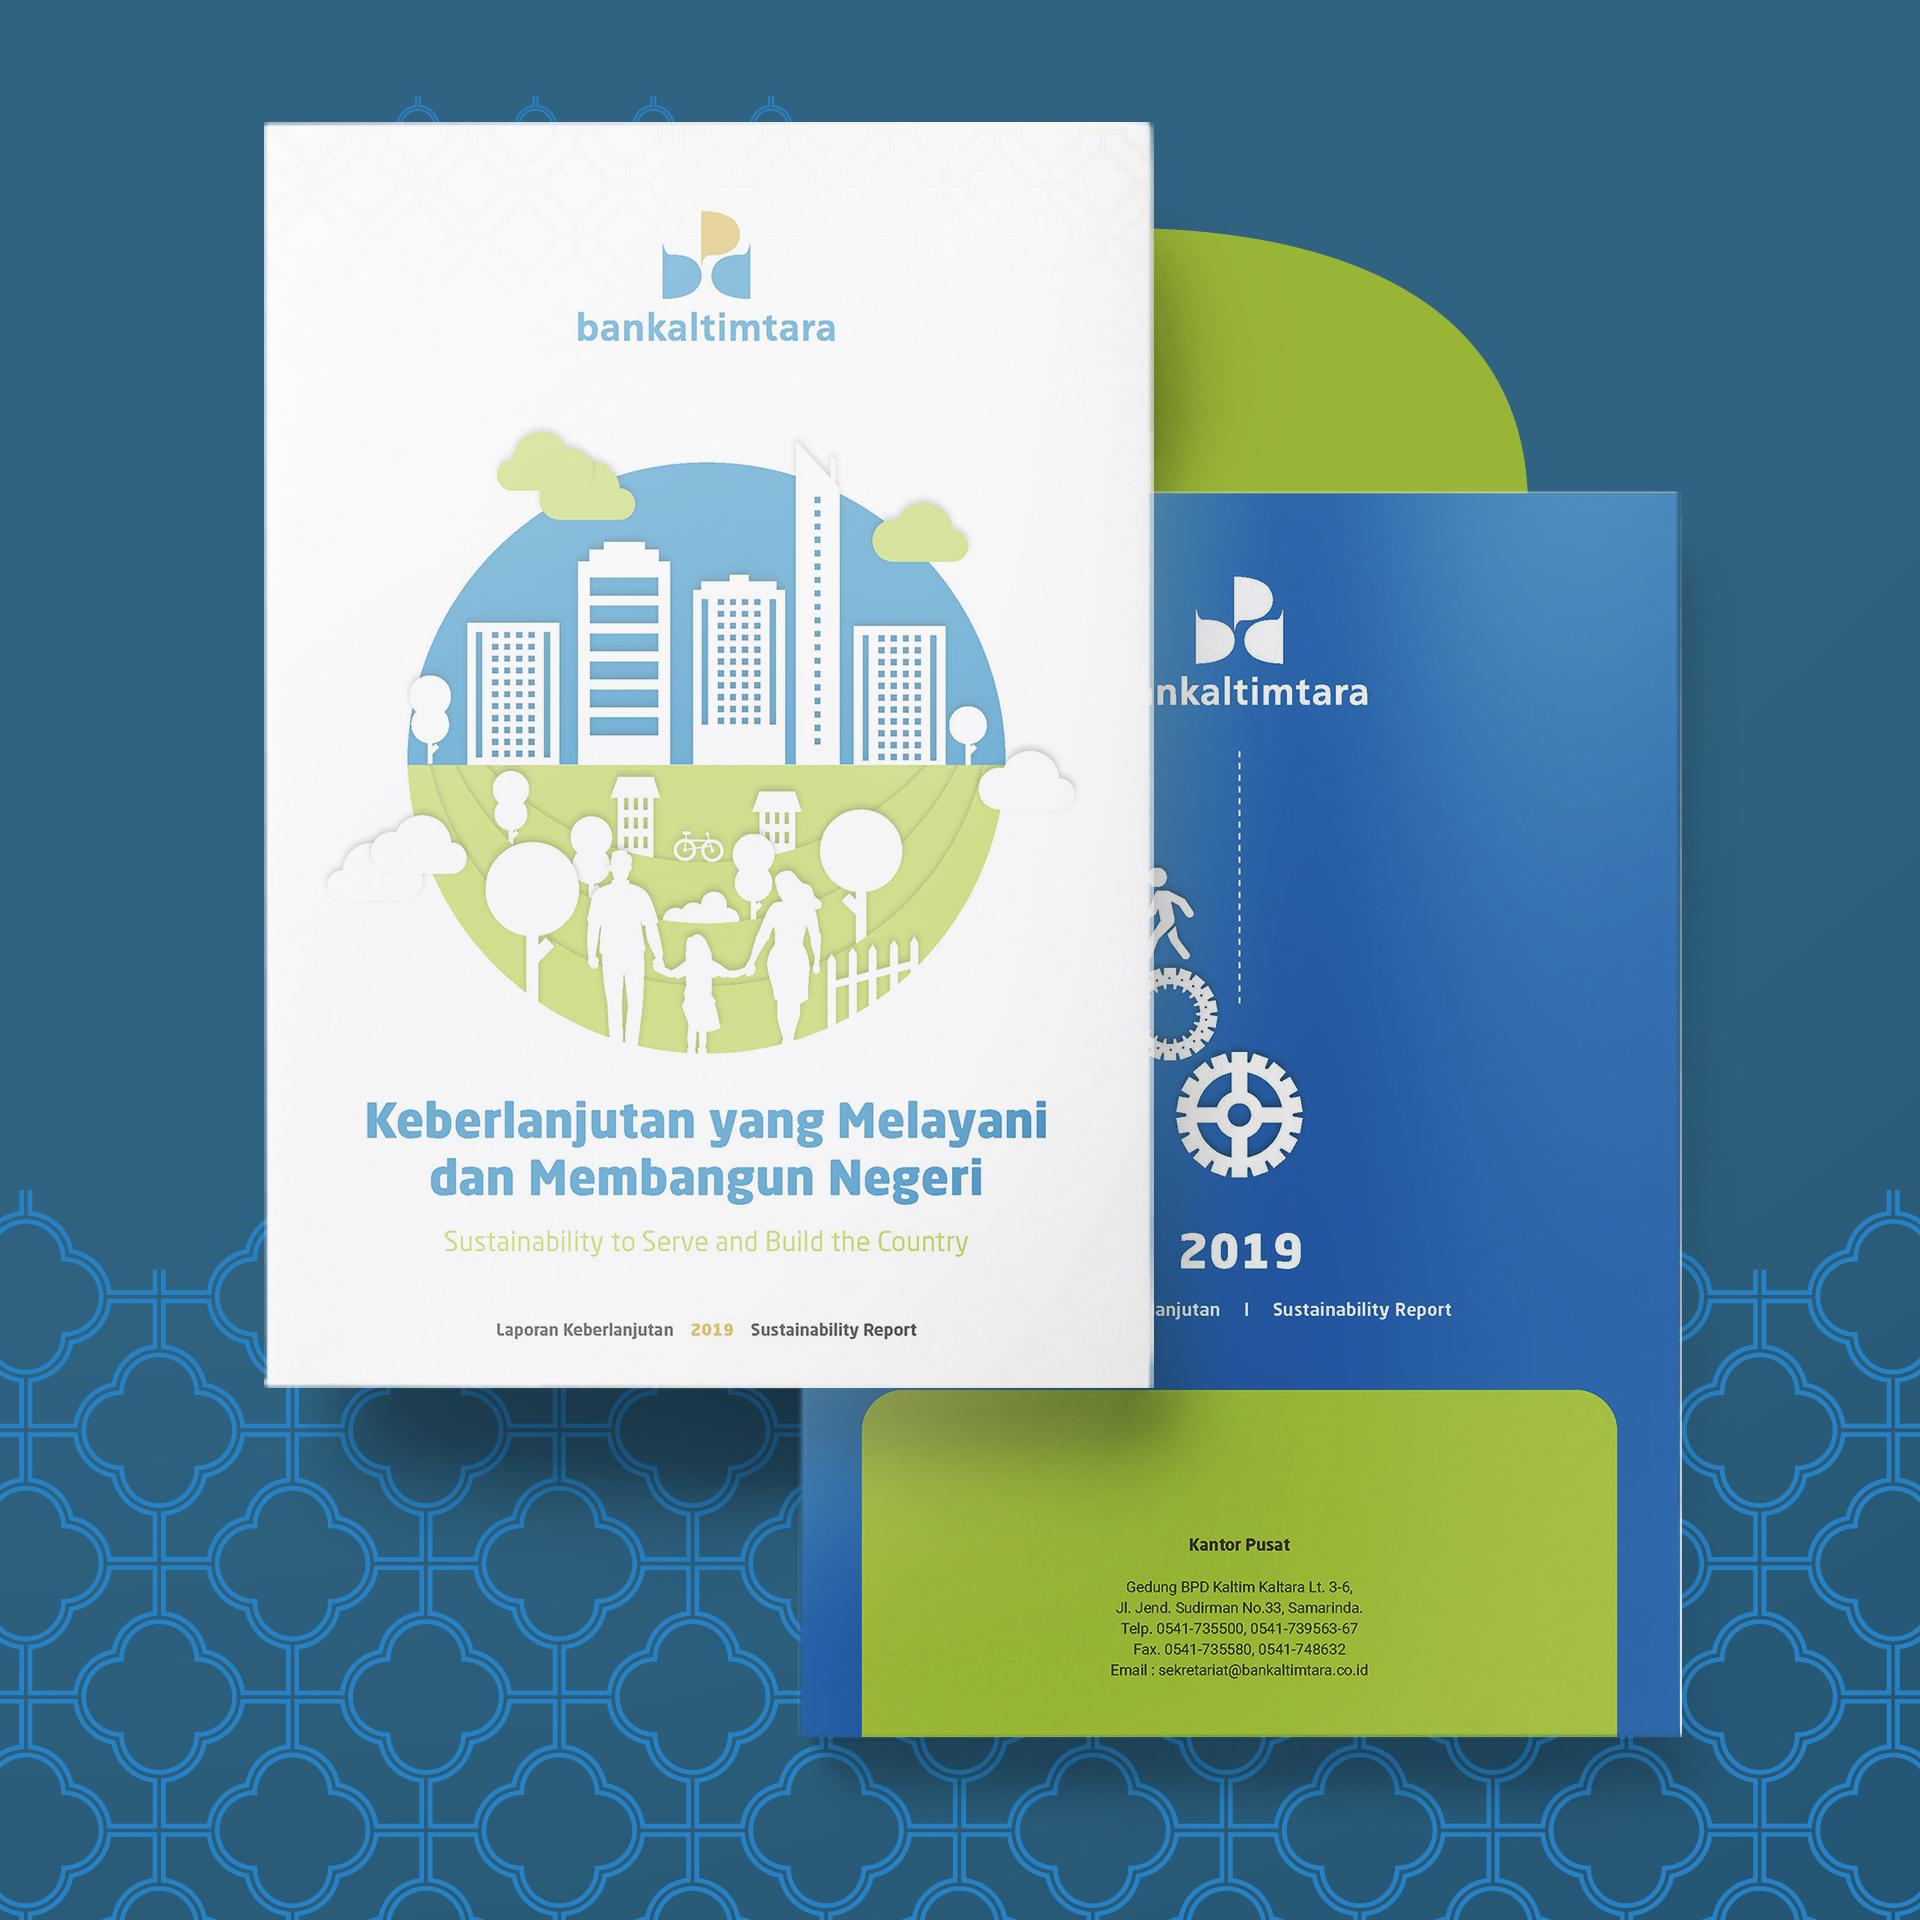 Sustainability report bankaltimtara 2019